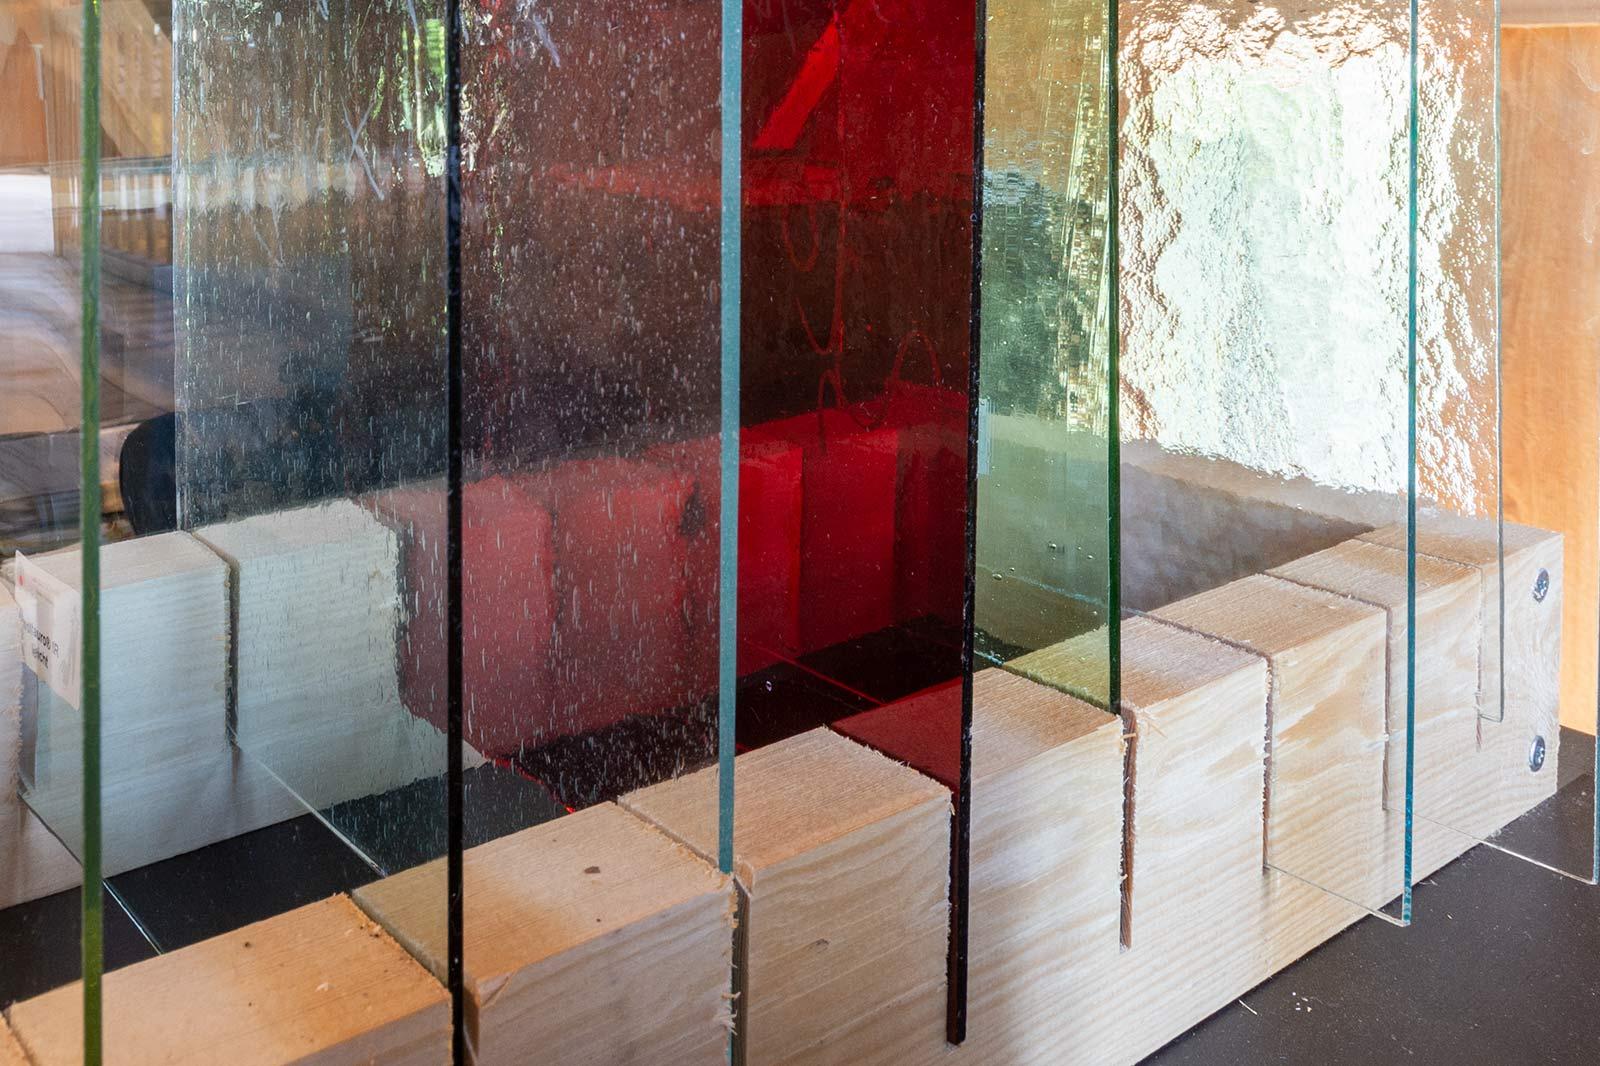 Glas Denkmalschutz Architektur Schönberger Architekturstadel